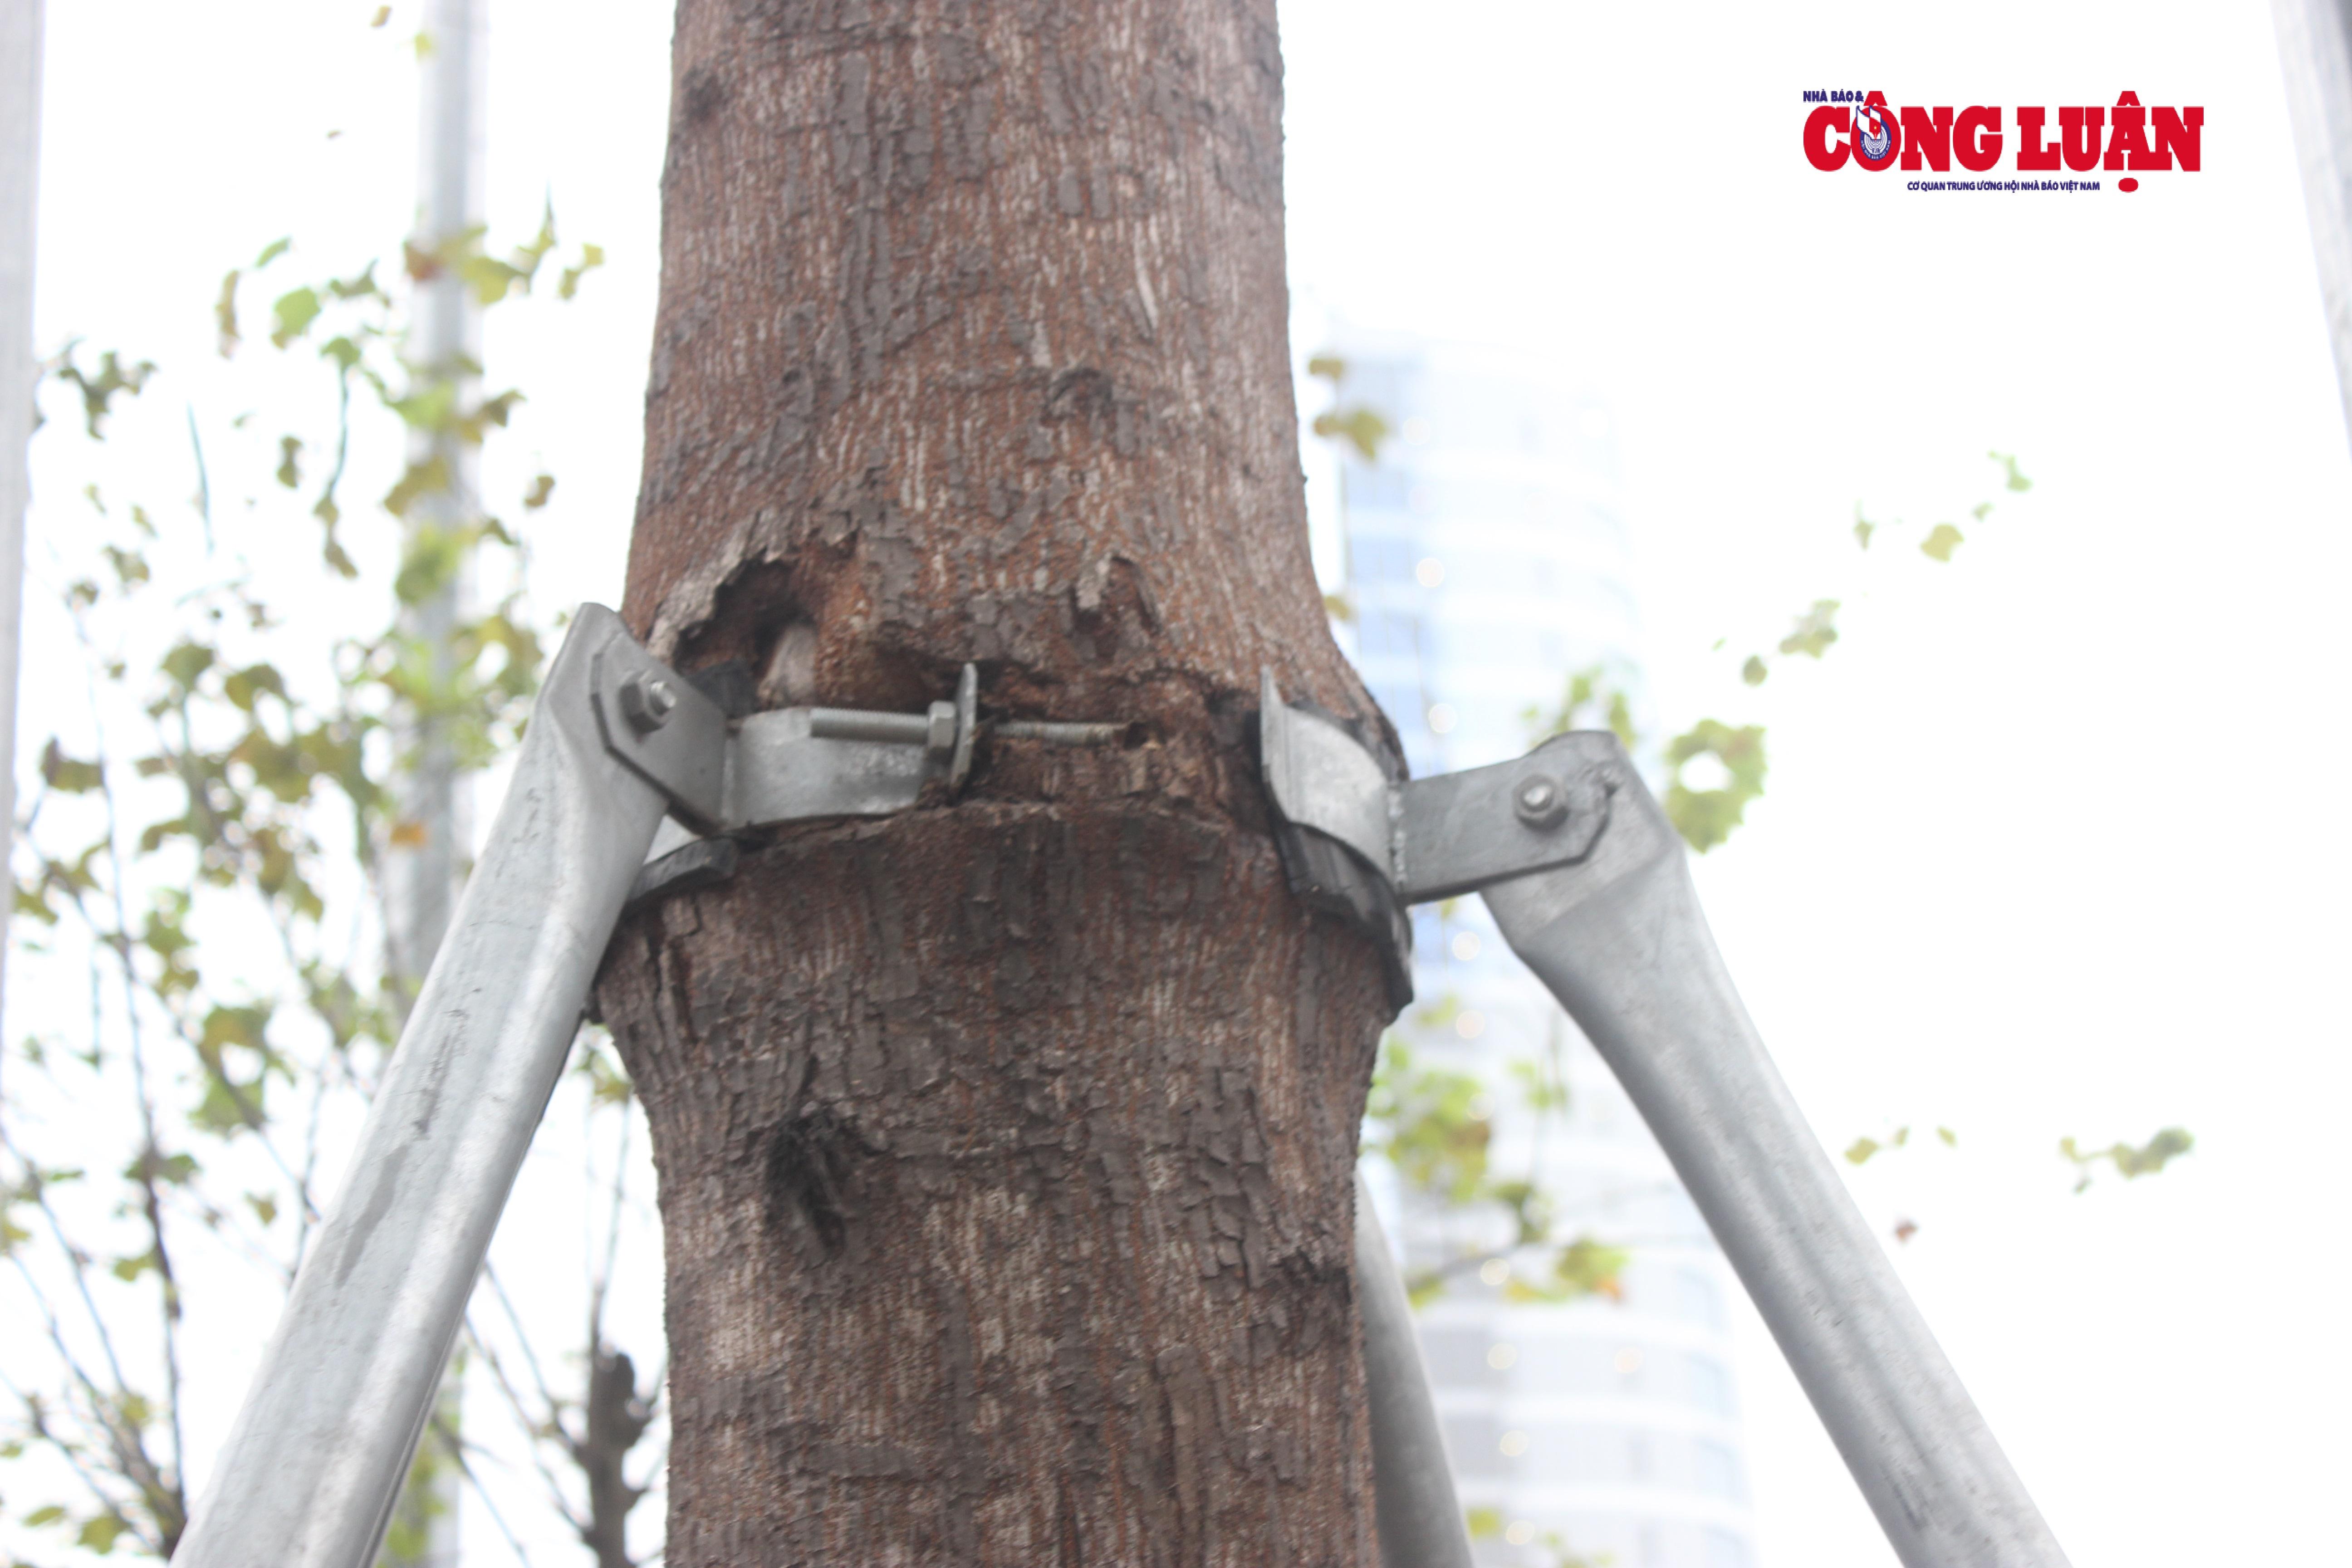 Vòng đai sắt không được tháo ra, cứa sâu vào thân cây tạo thành những vết thương lớn